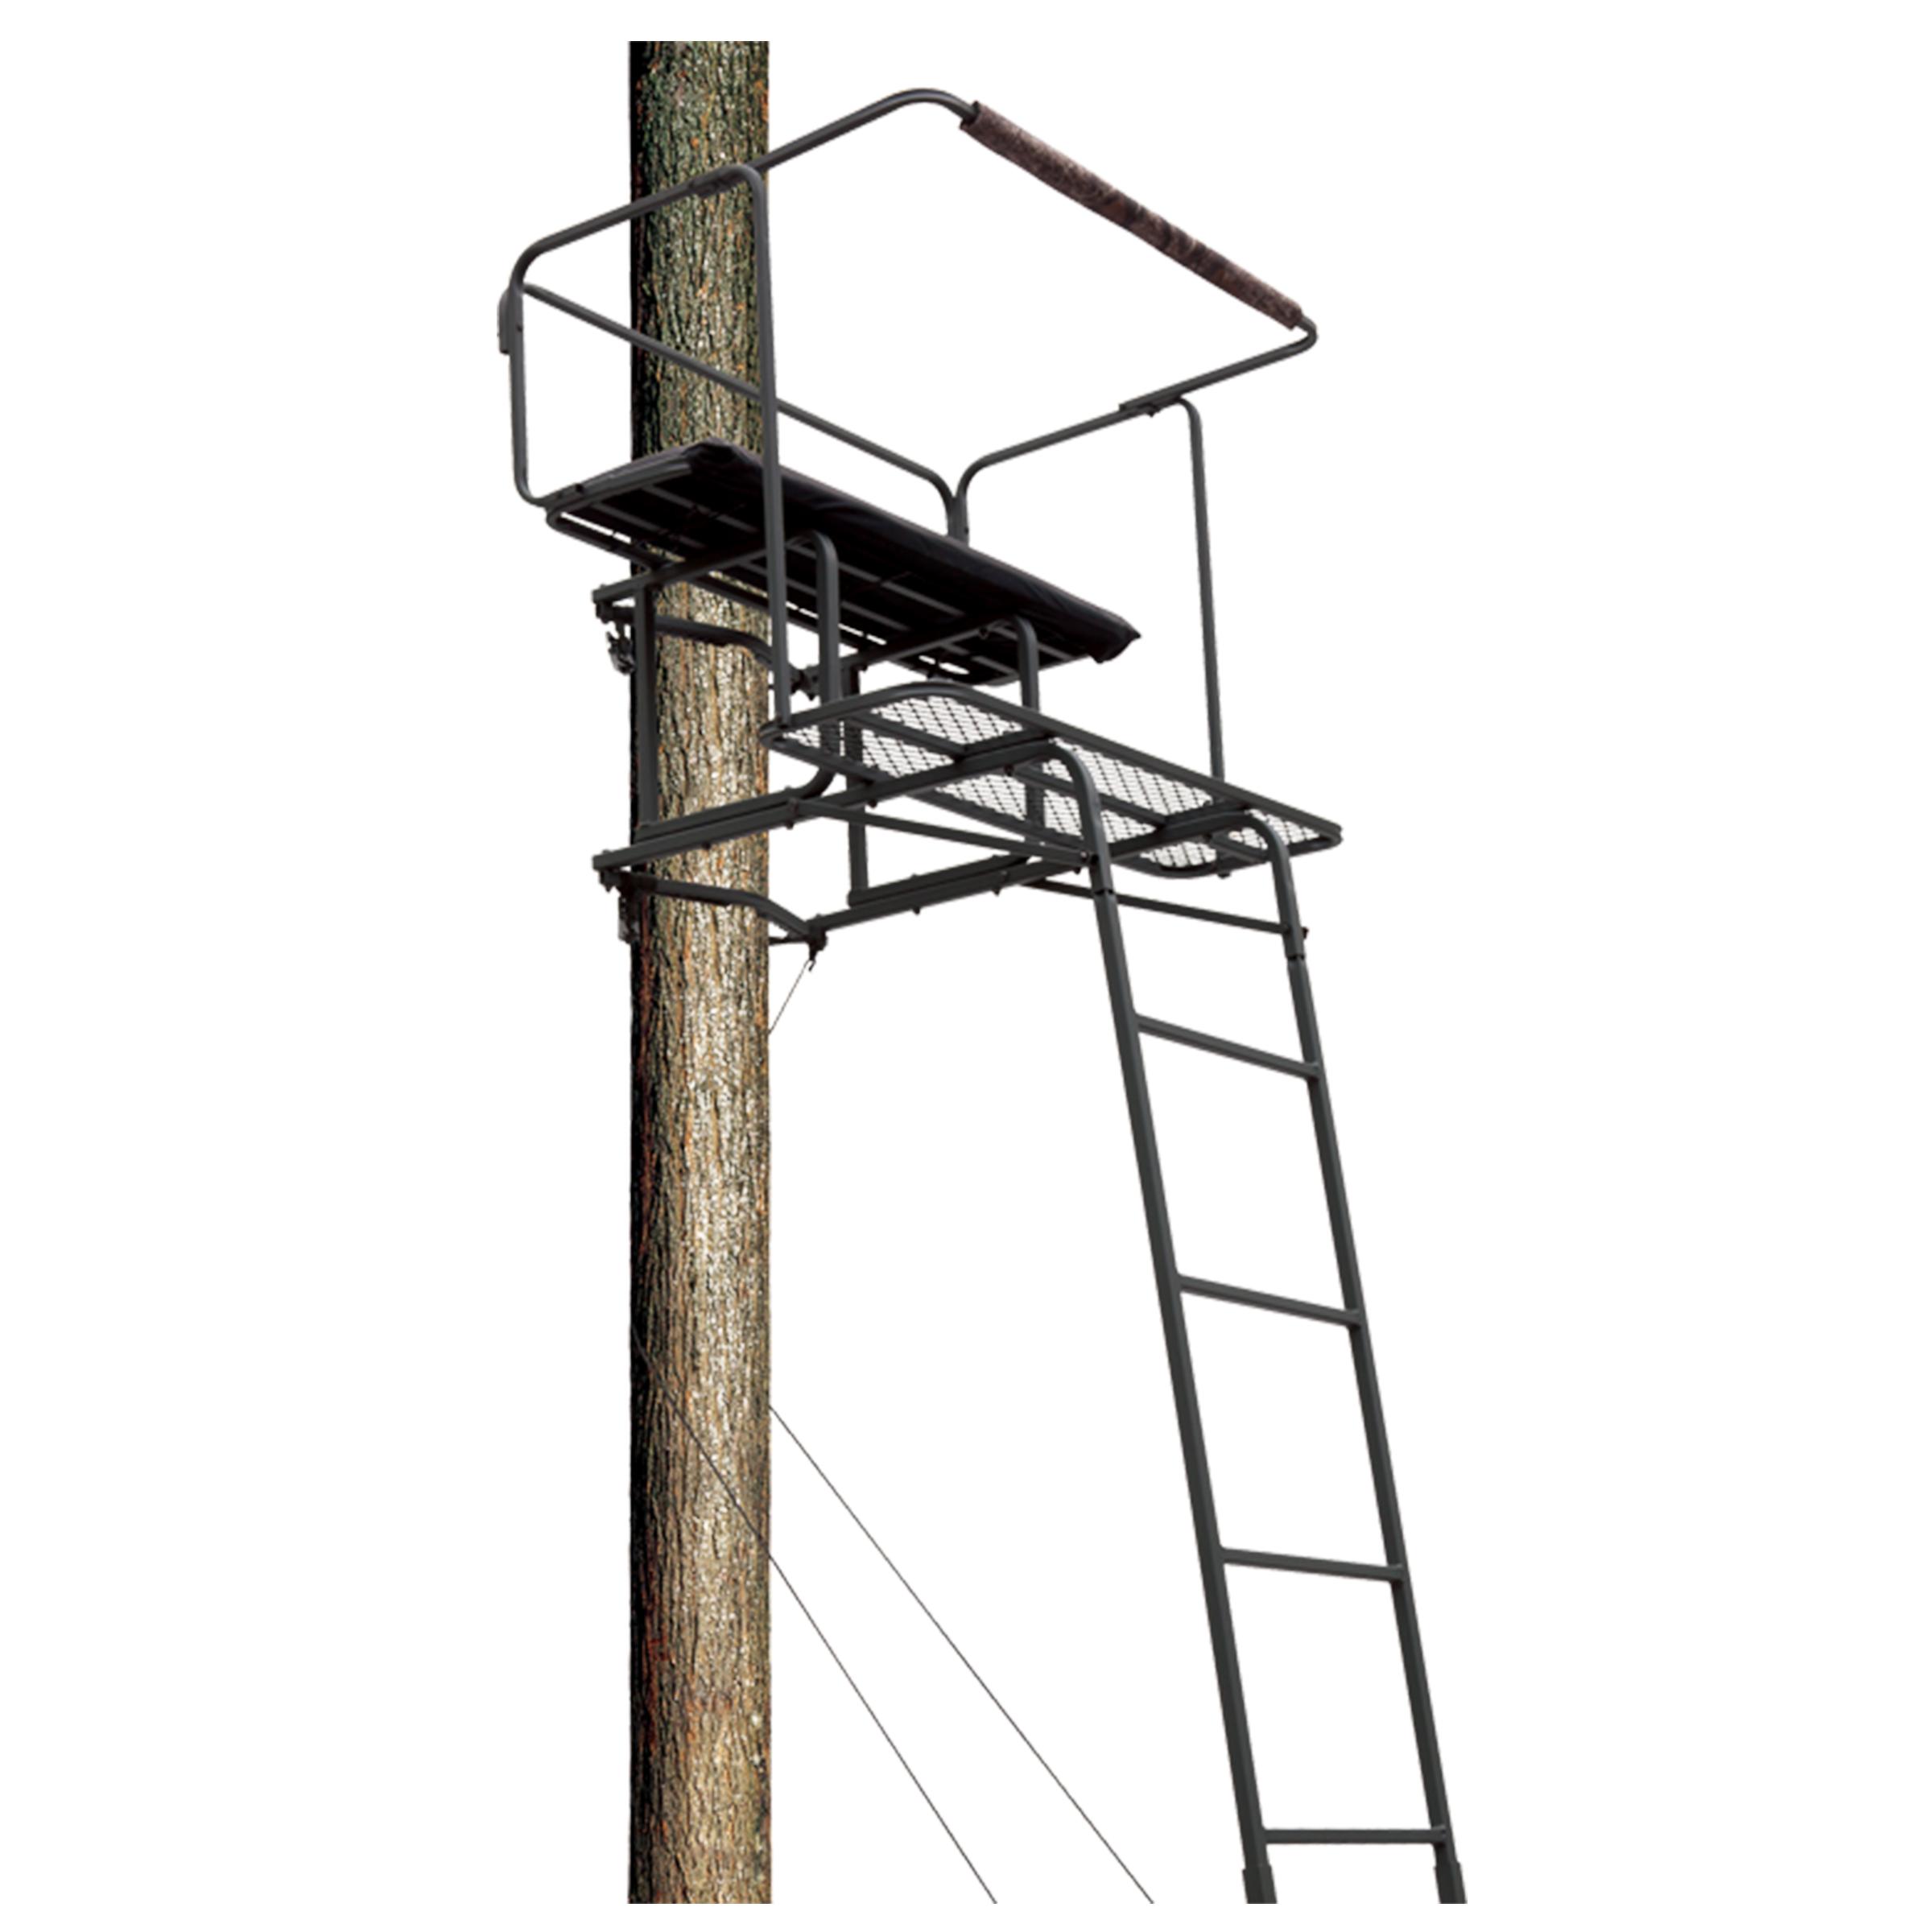 Big Dog Ladder Deer Stands